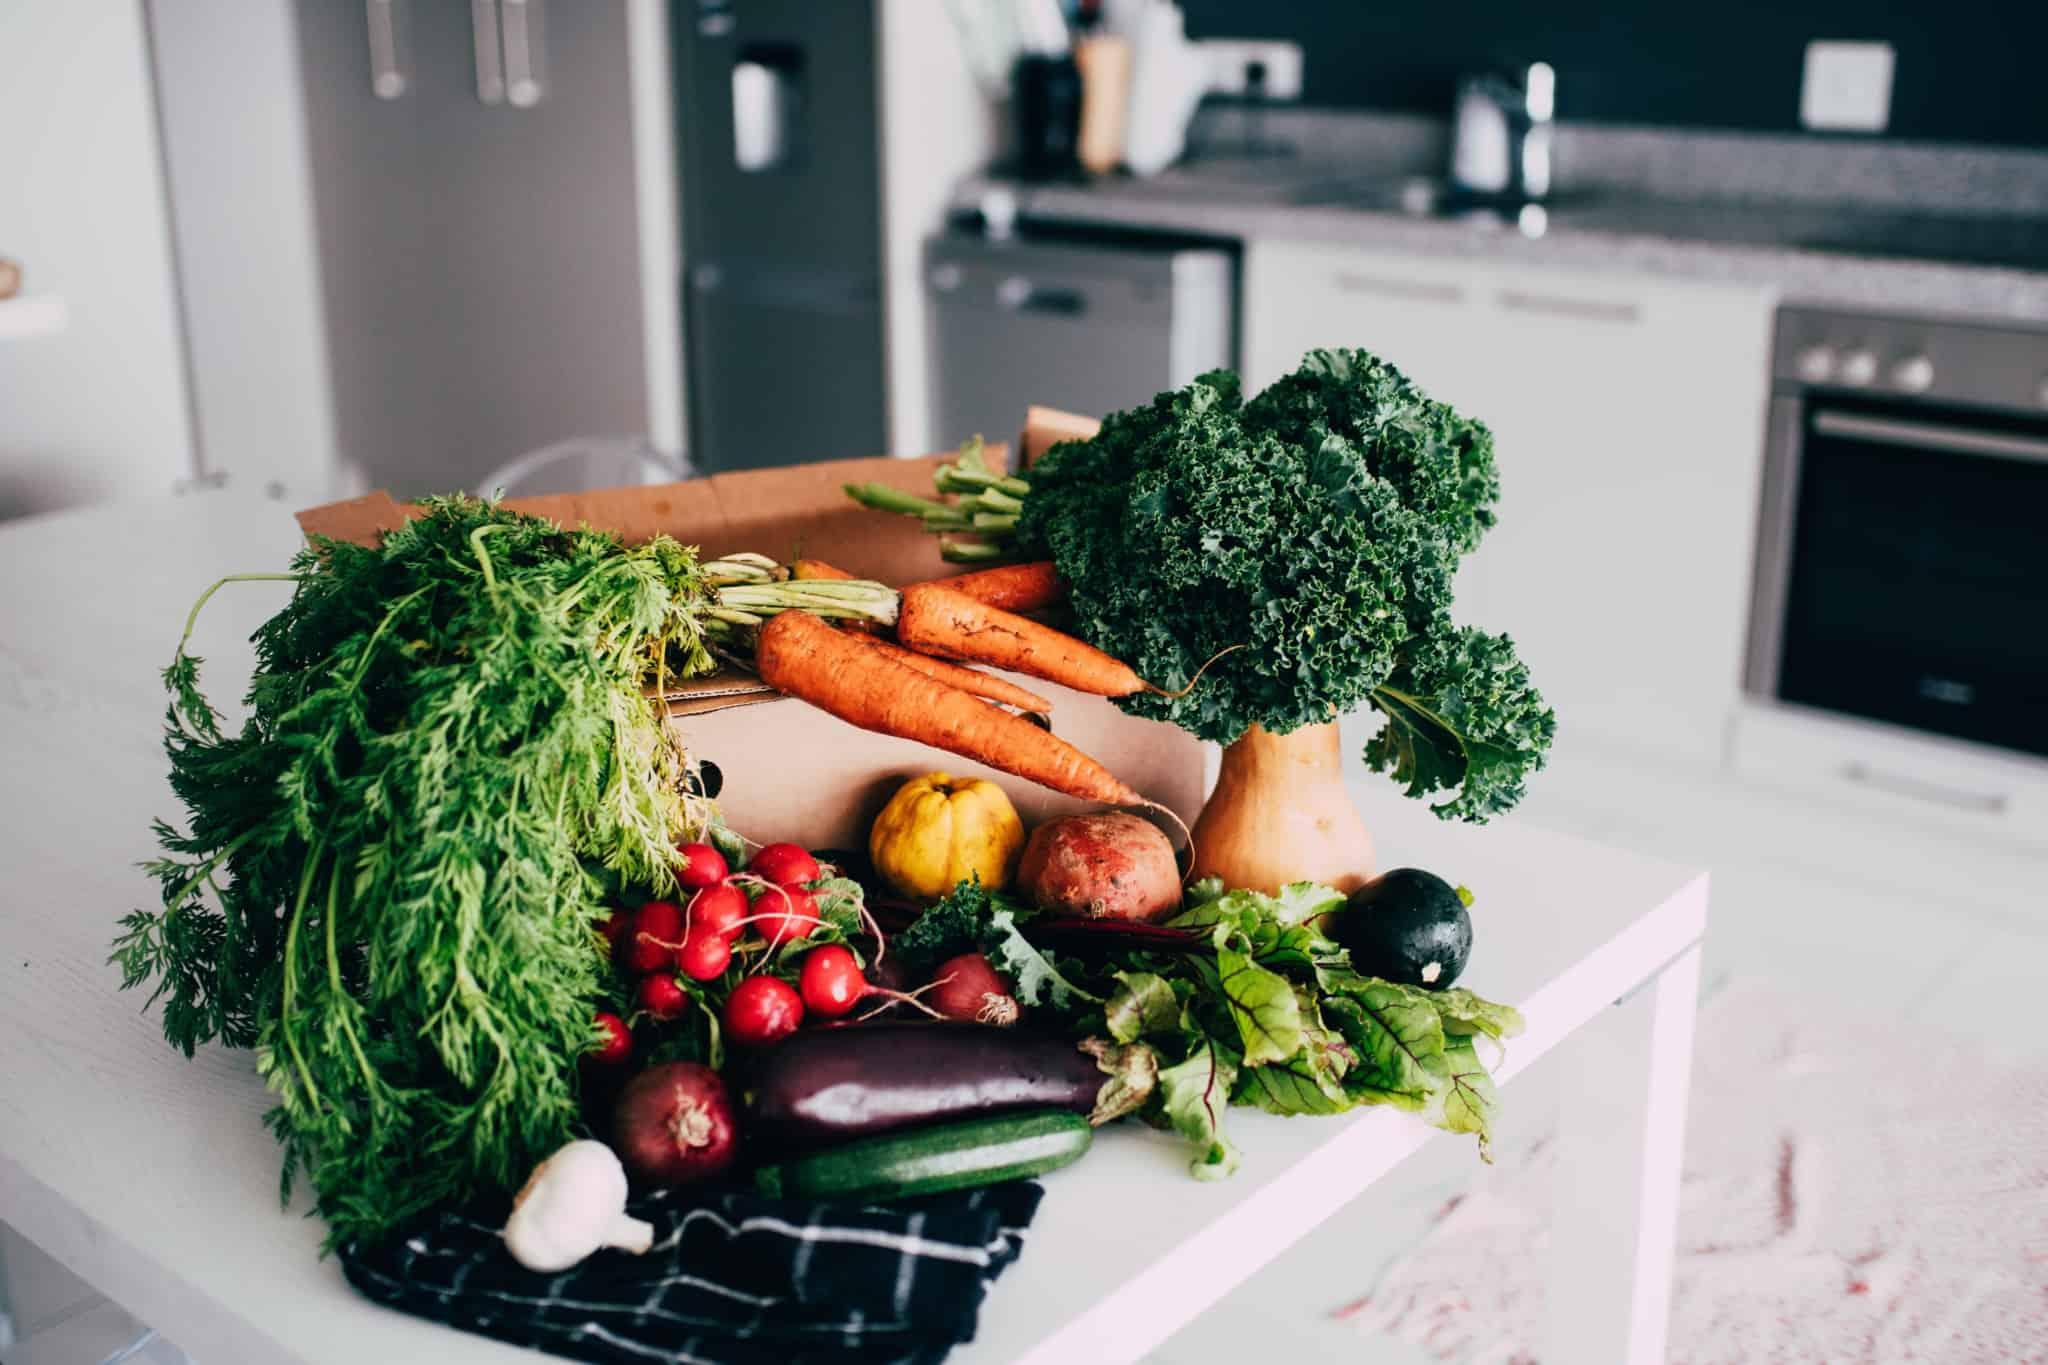 legumes dentro de uma caixa de cartão na bancada da cozinha